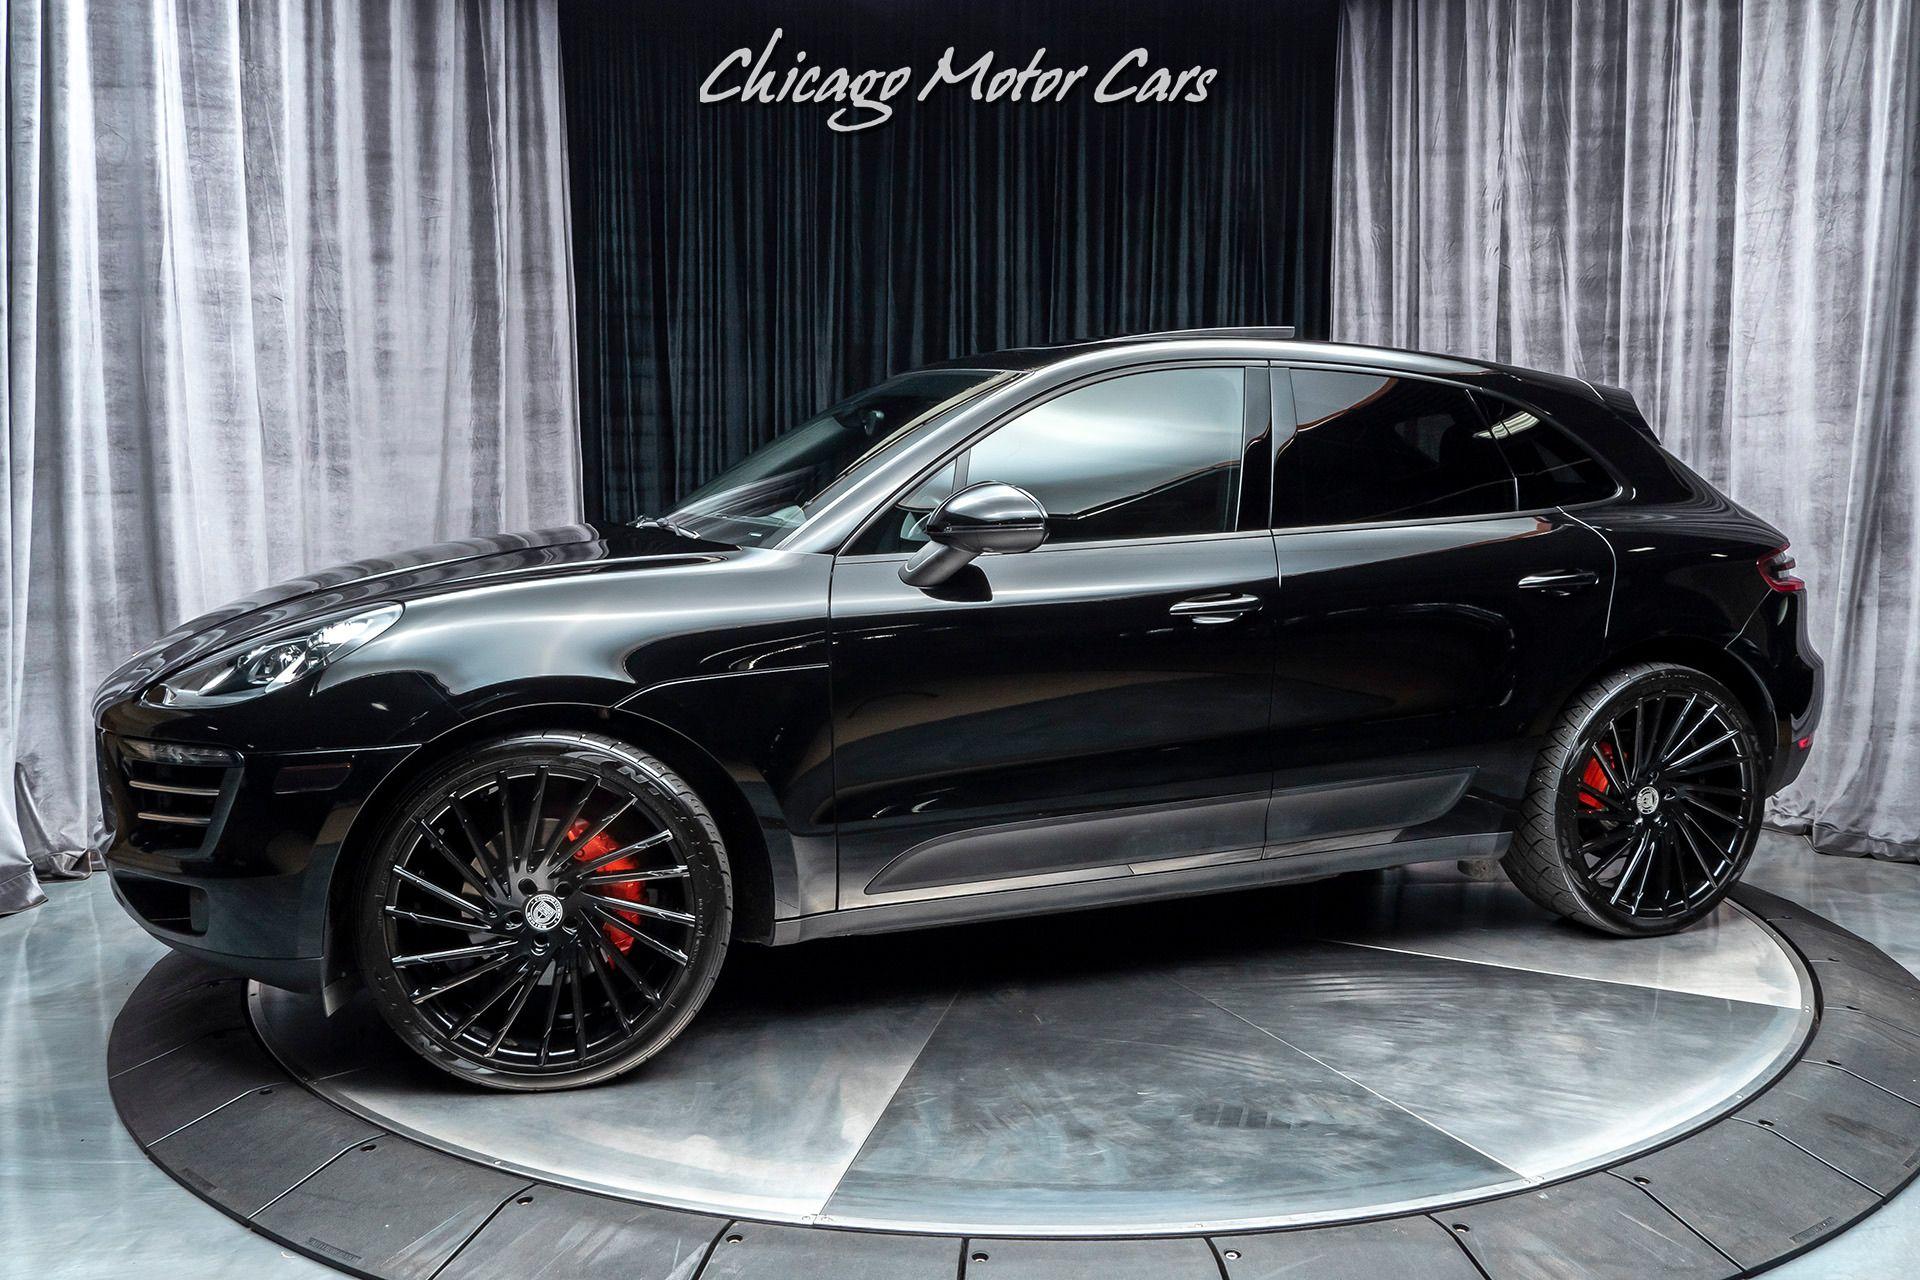 Porsche Macan S In 2020 Porsche Porsche Macan S Luxury Car Dealership